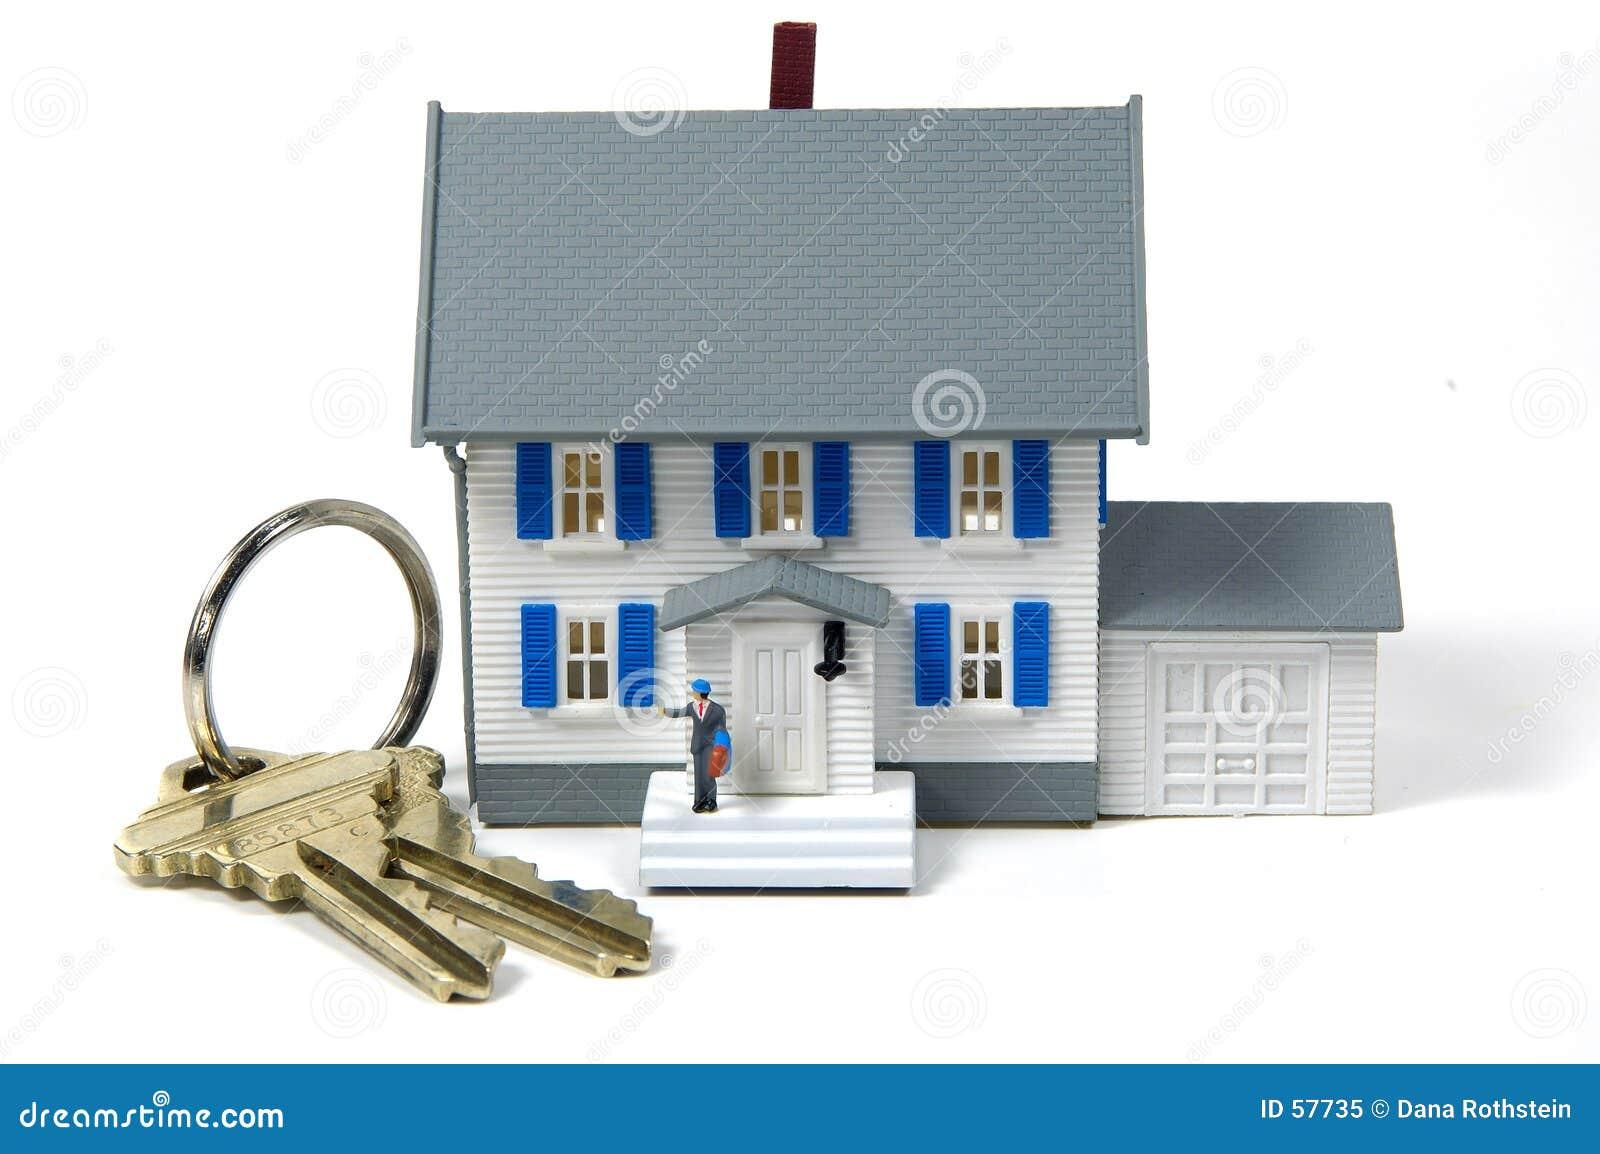 Dueño de una casa 2